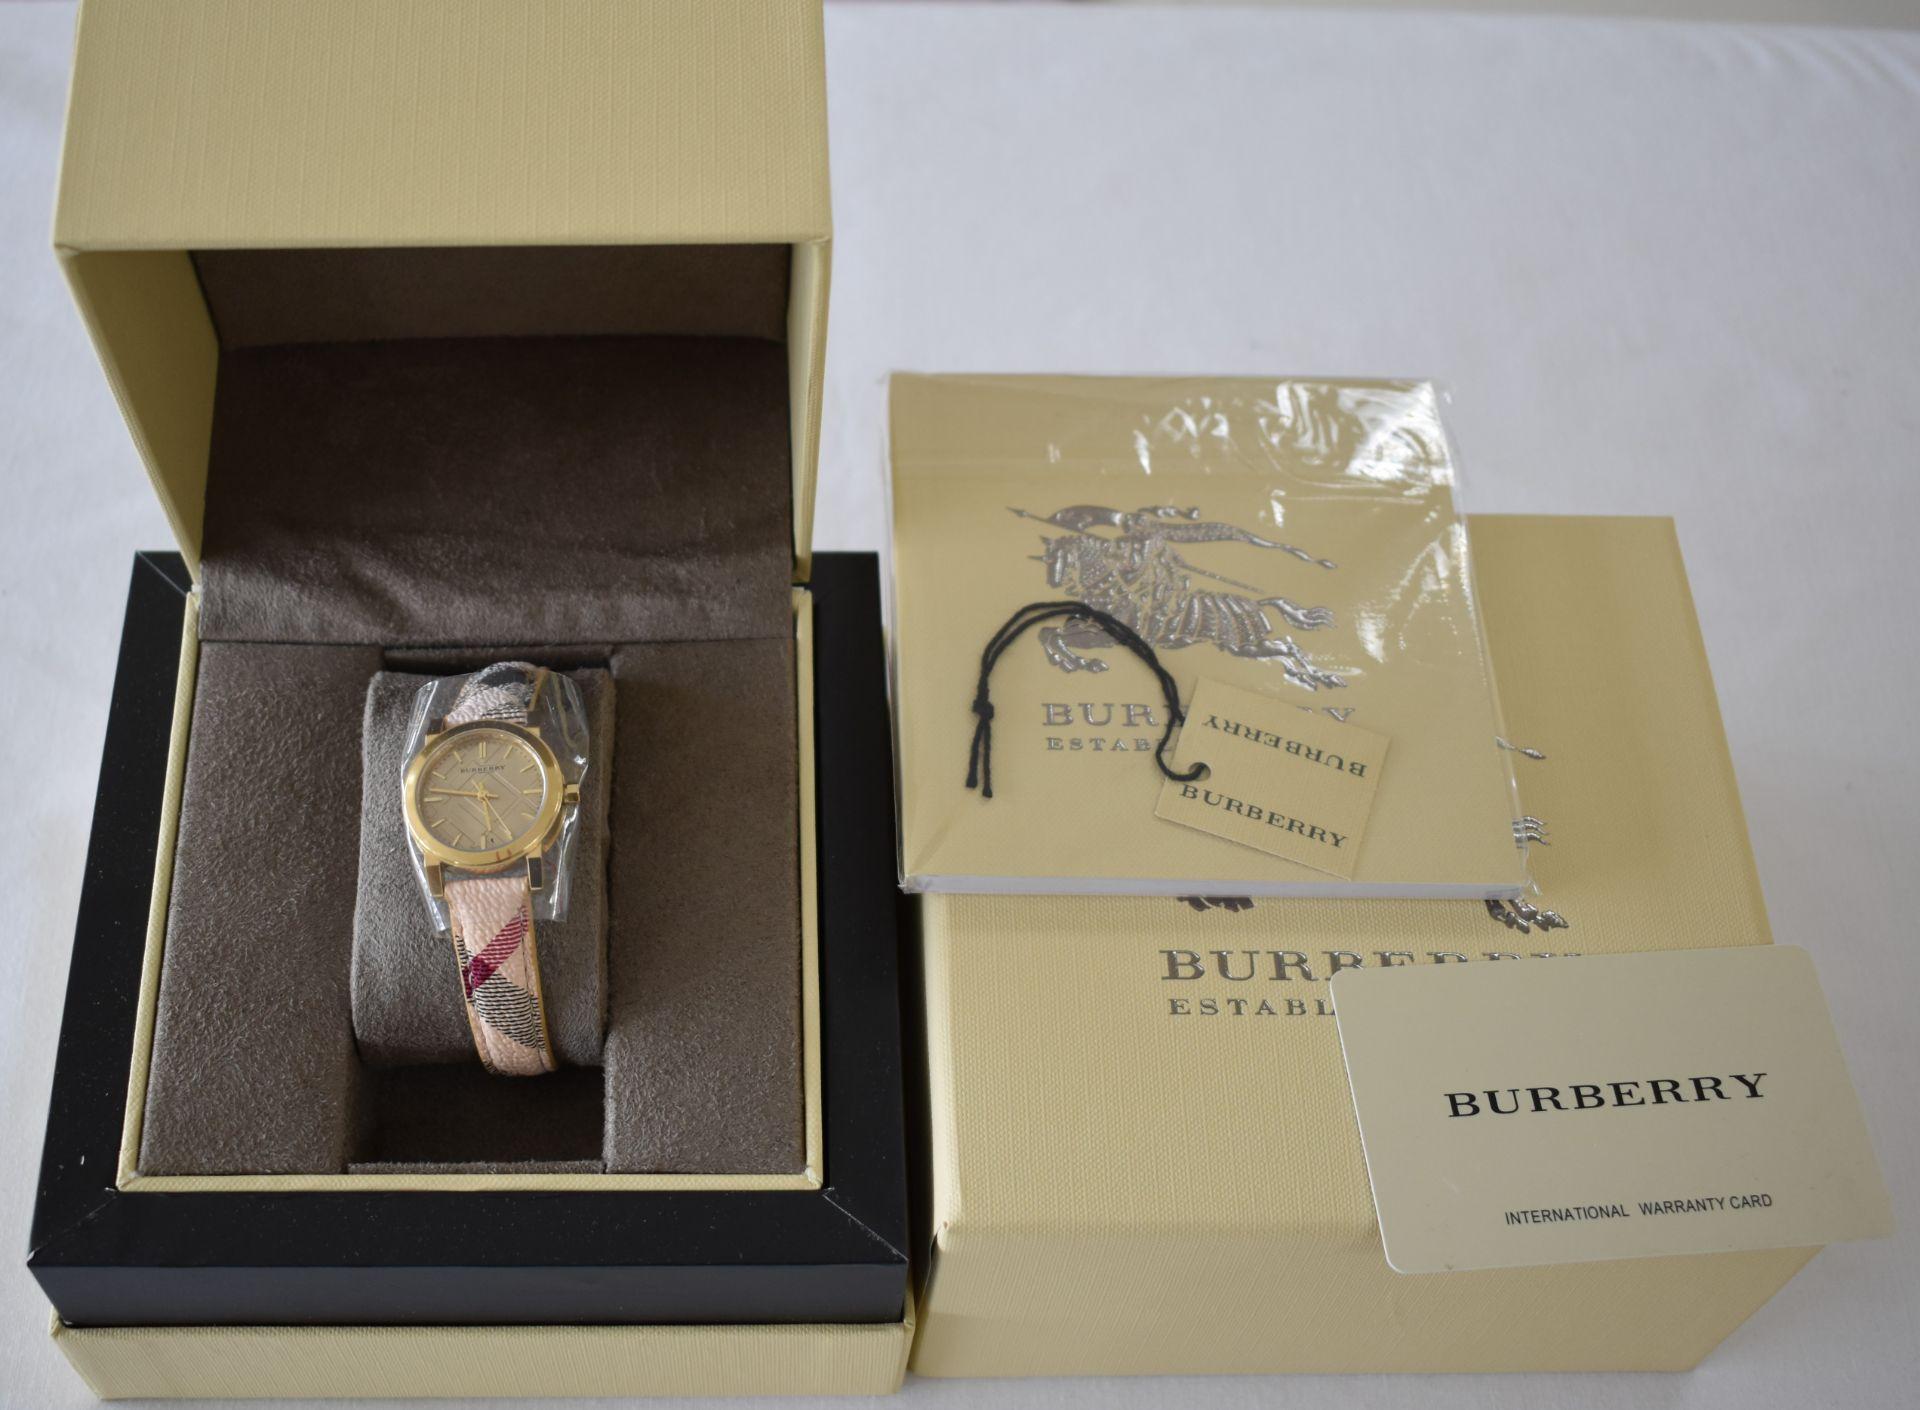 Burberry BU9219 Ladies Watch